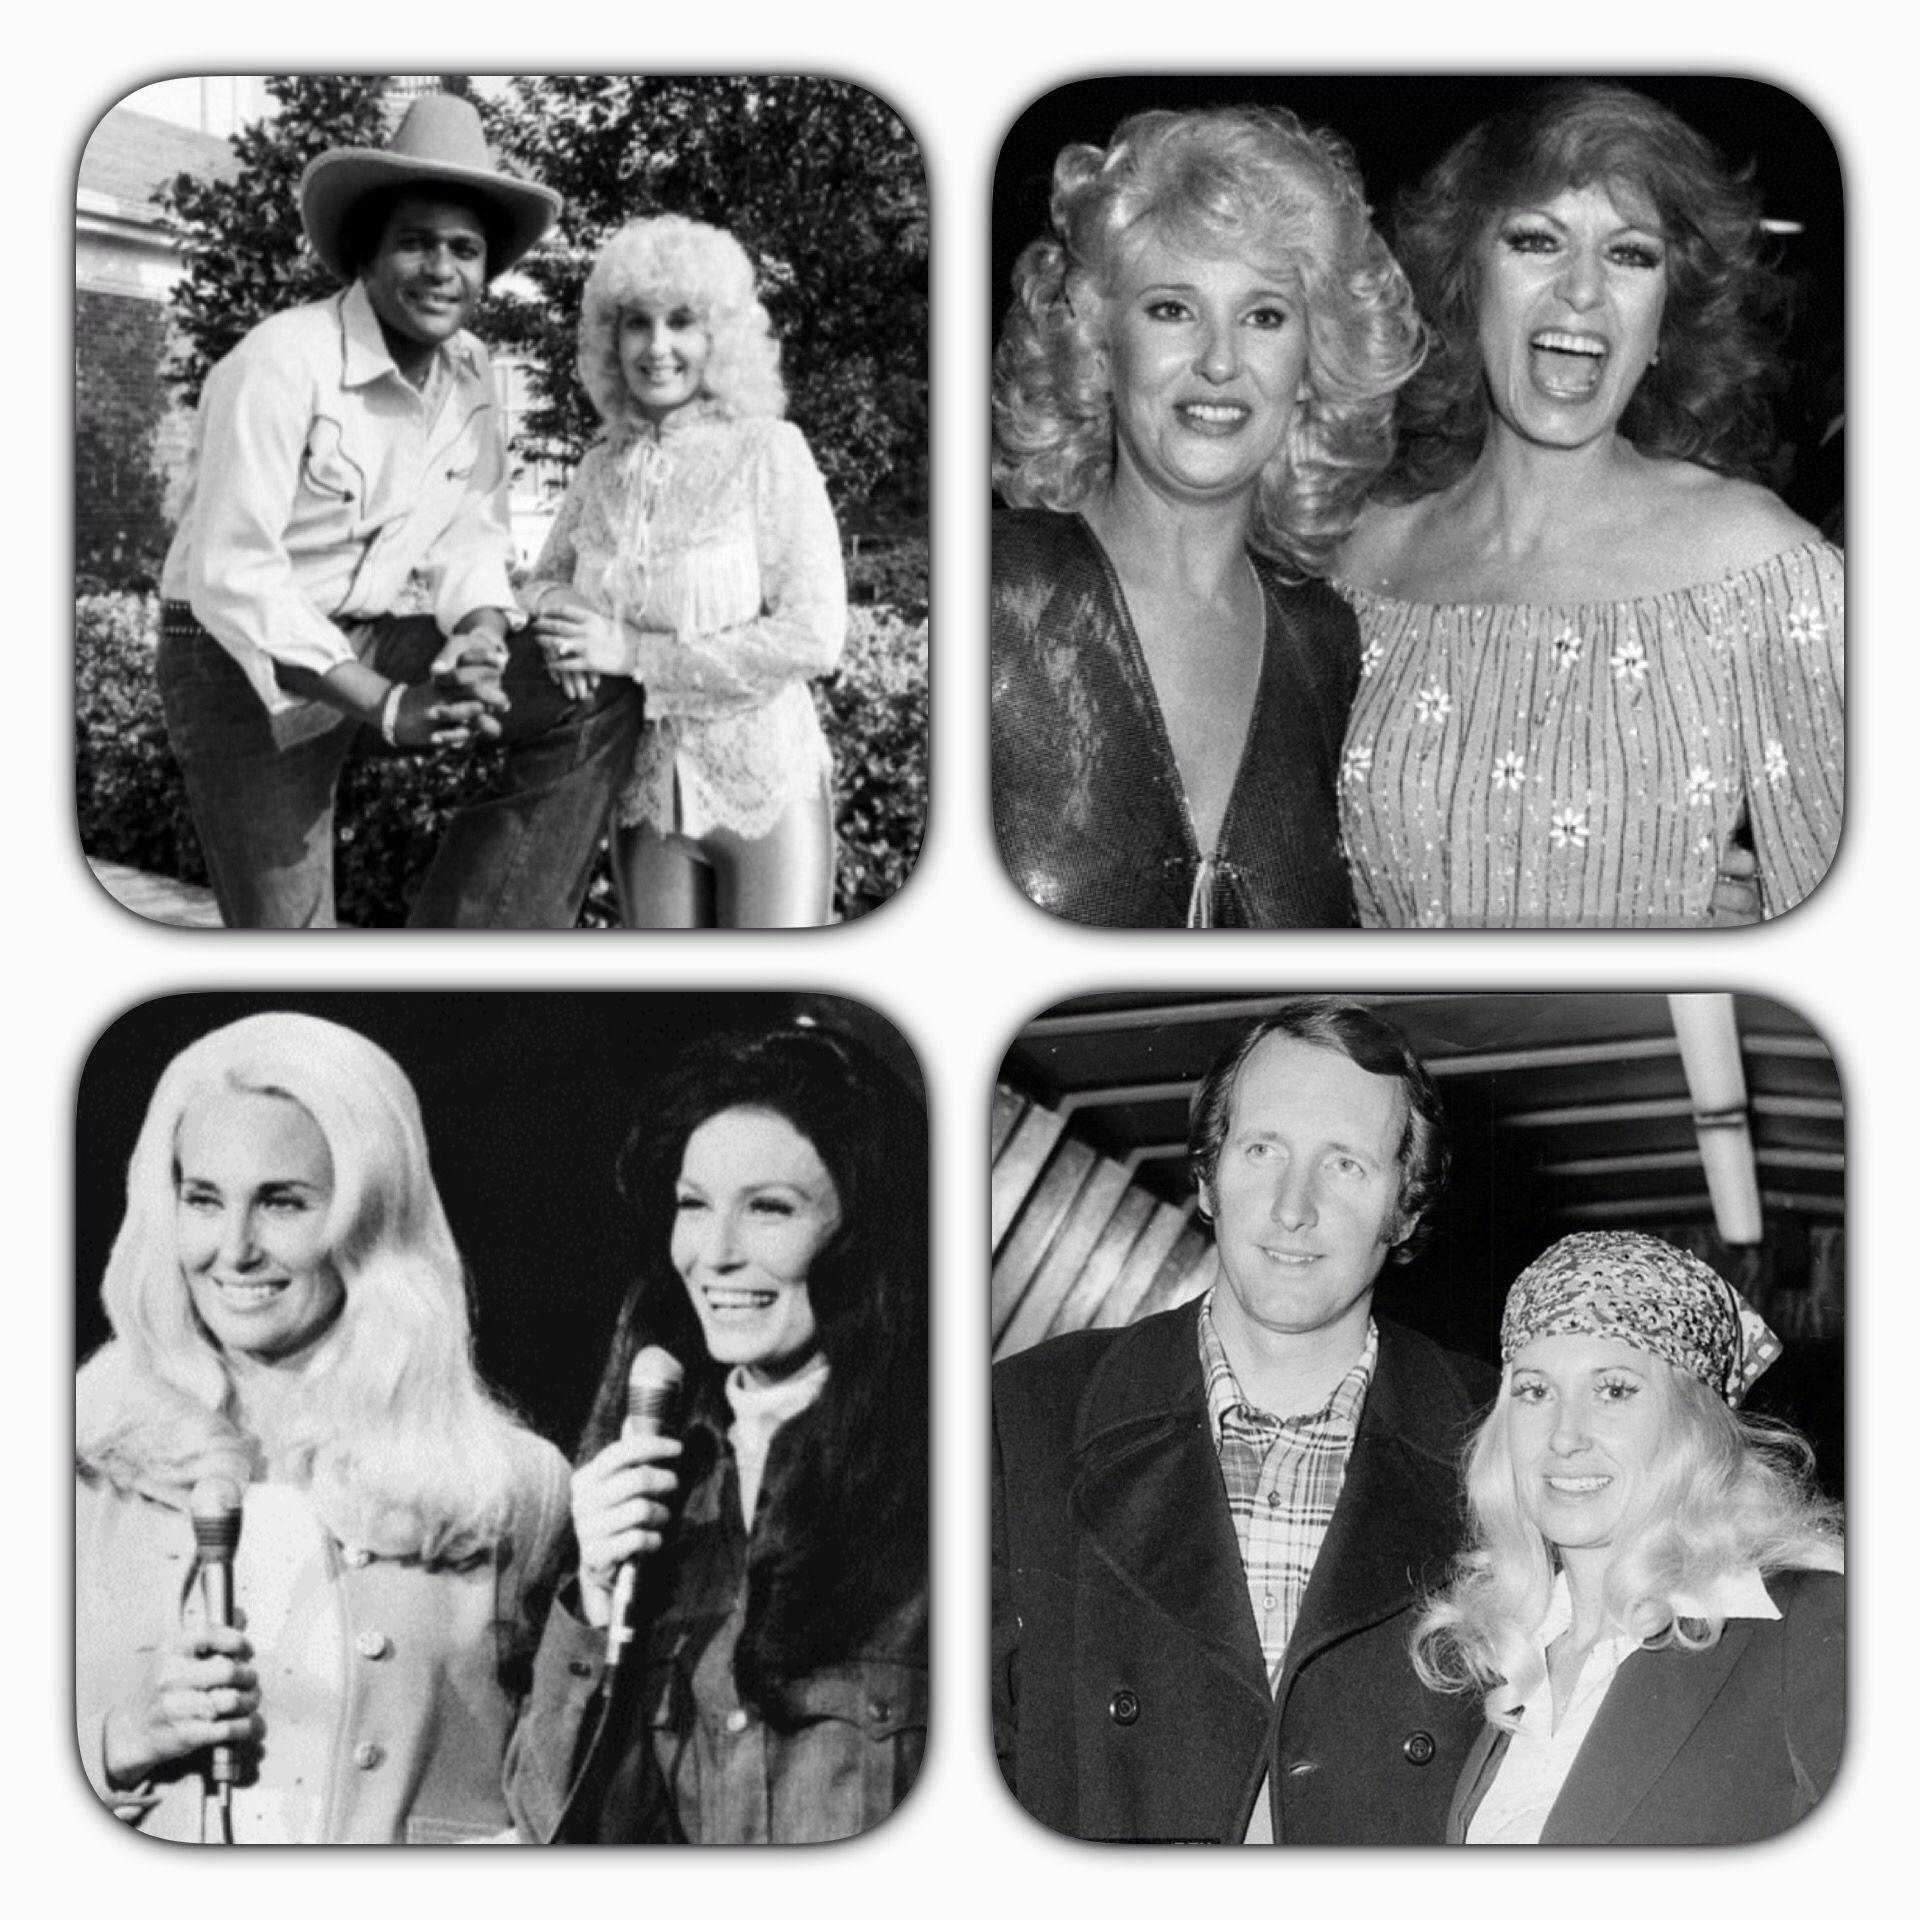 Tammy Wynette with Charley Pride, Dottie West, Loretta Lynn and George Hamilton, IV.